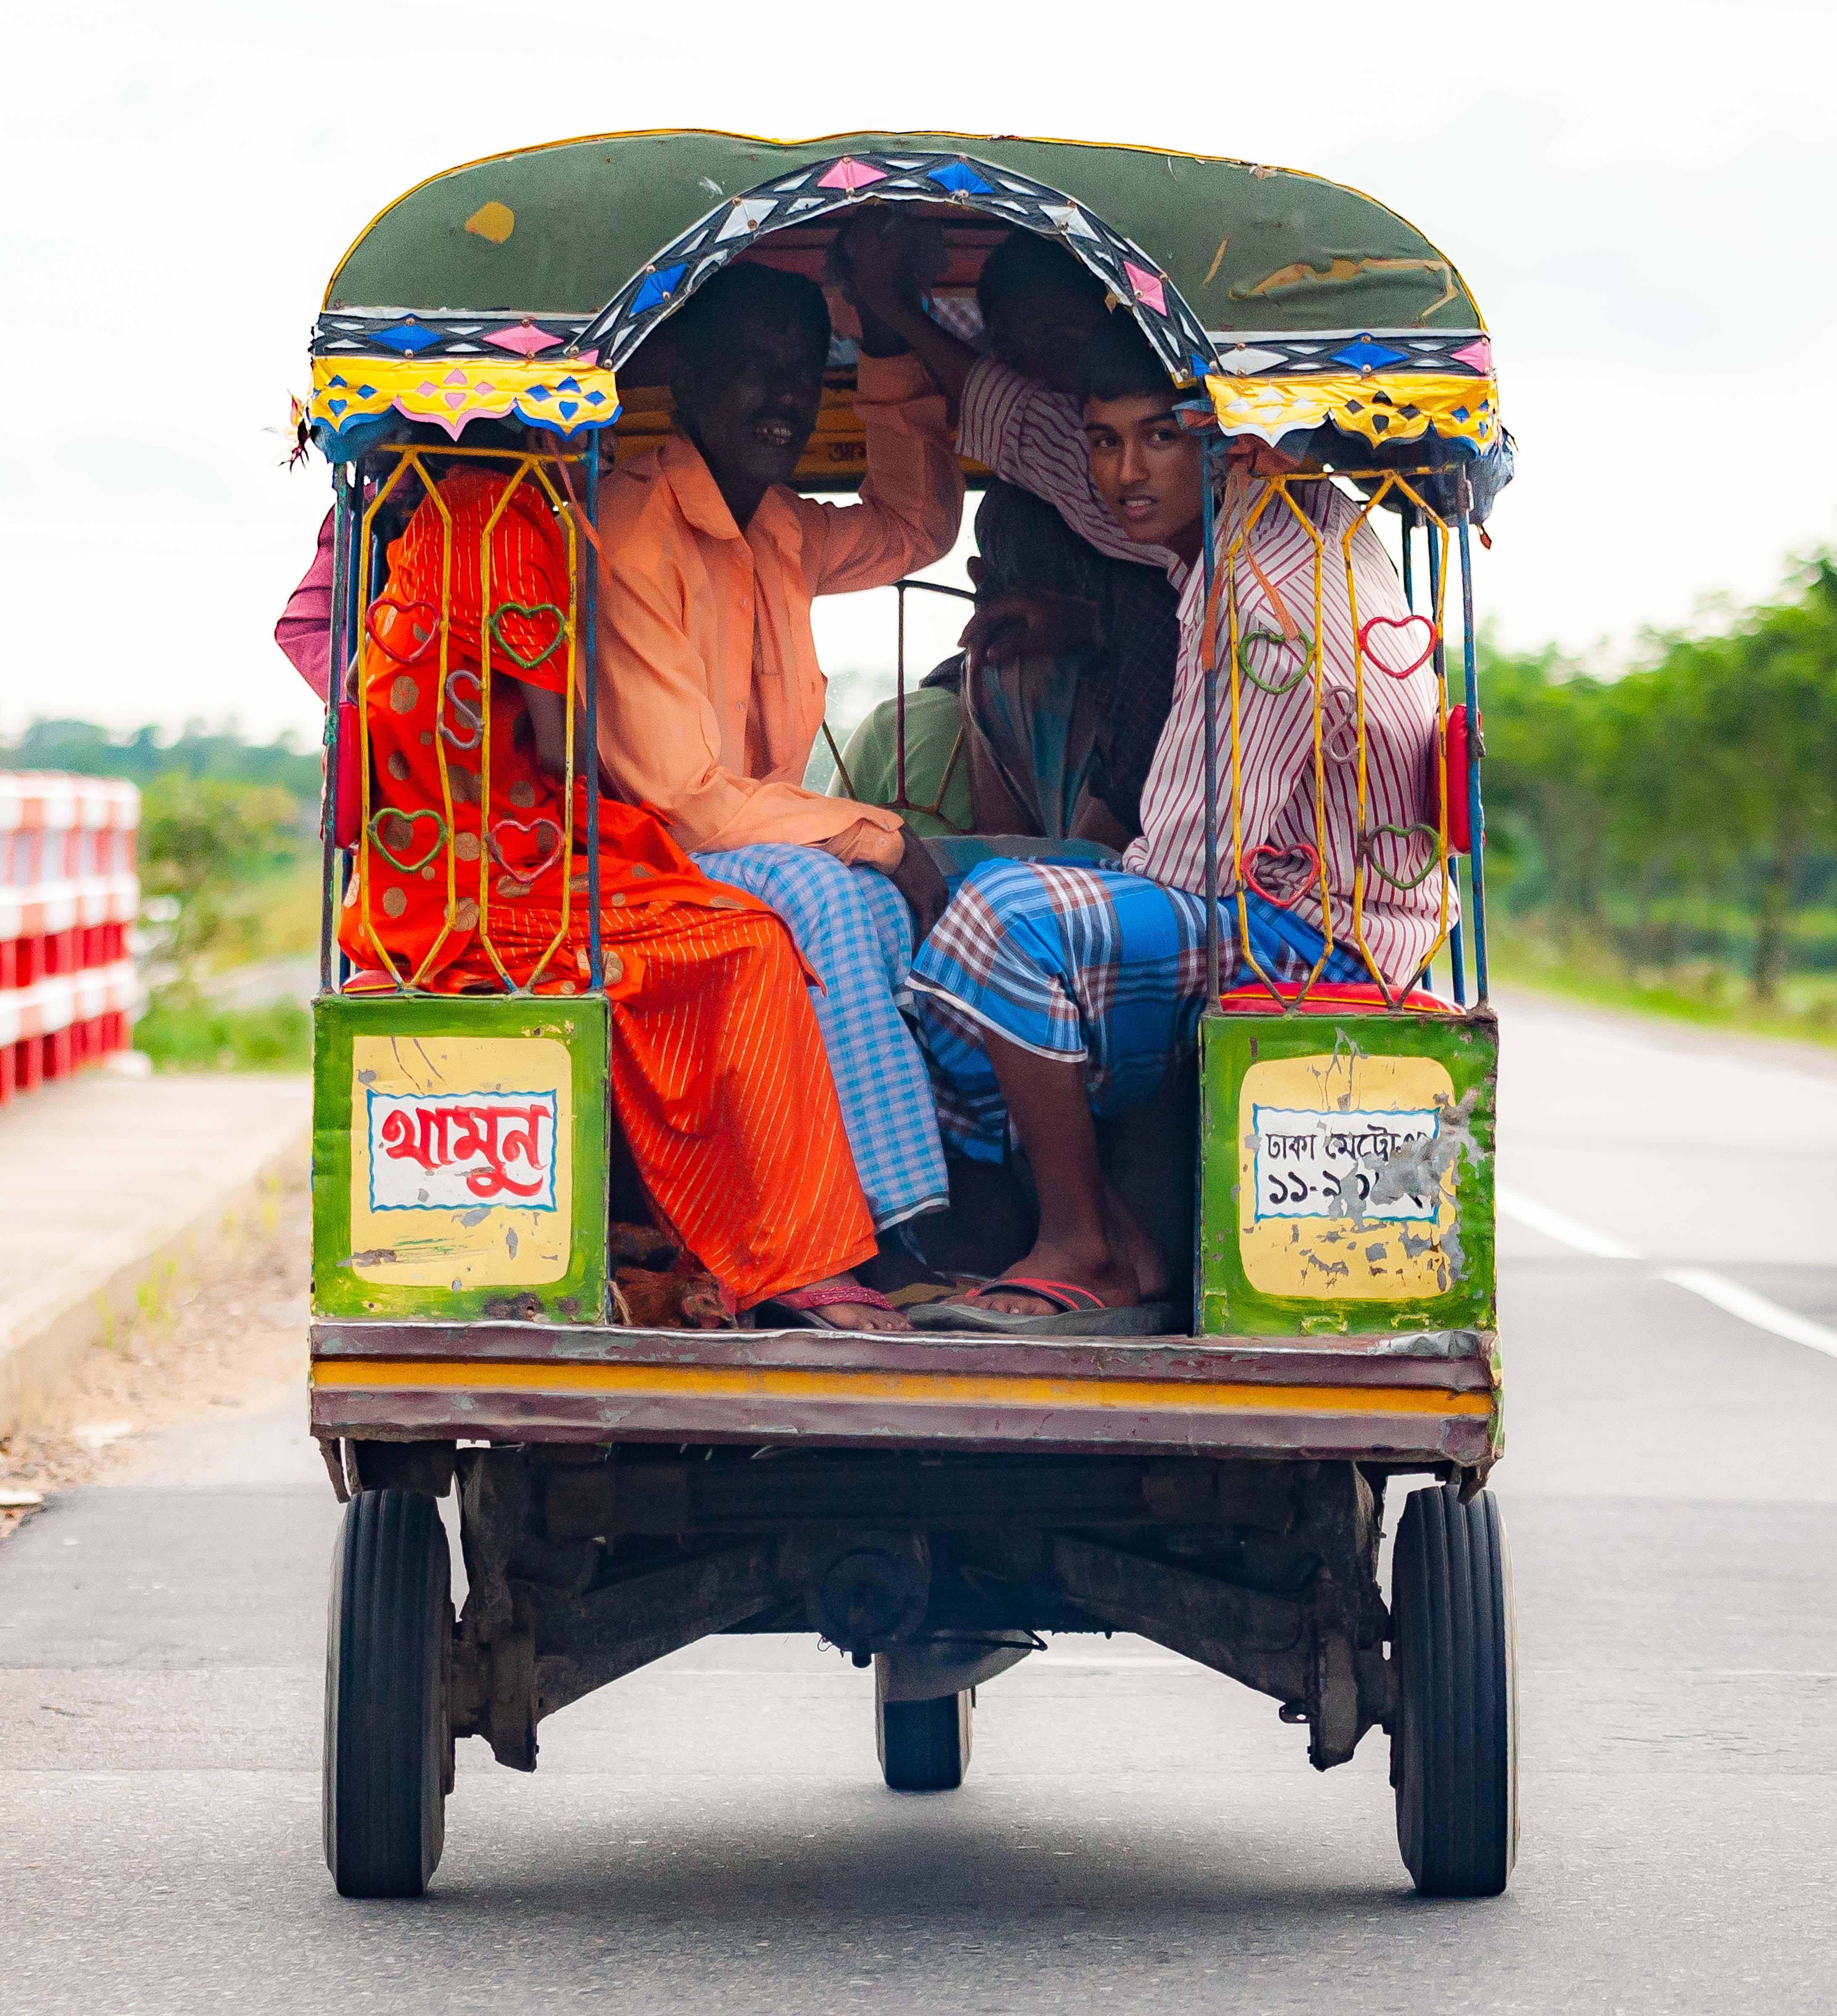 Bangladesh, Habiganj Prov, Motor Trishaw, 2009, IMG 8507